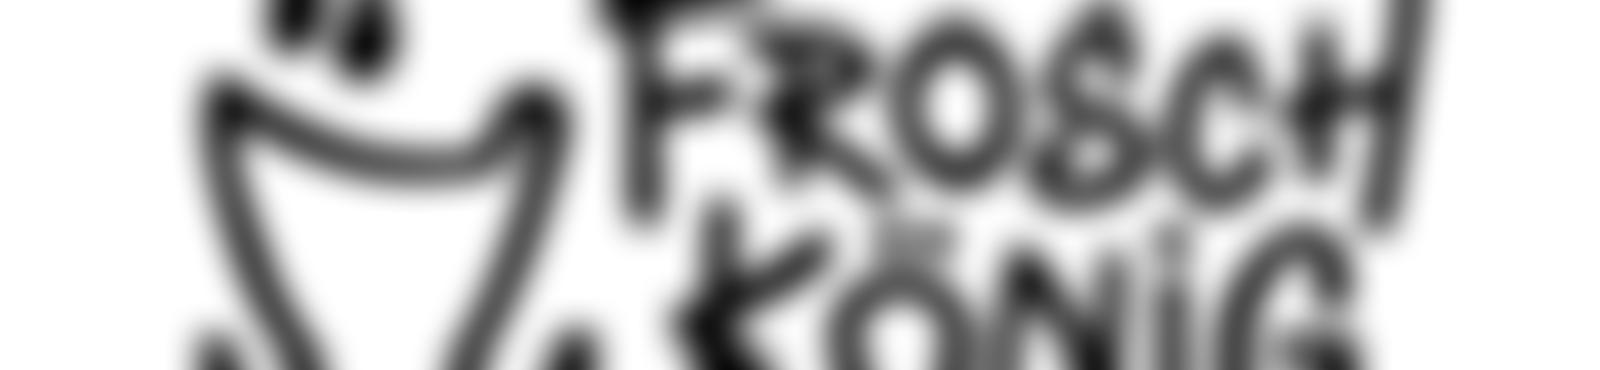 Blurred f8ba560d c779 4113 8db6 1b6d602d65ea